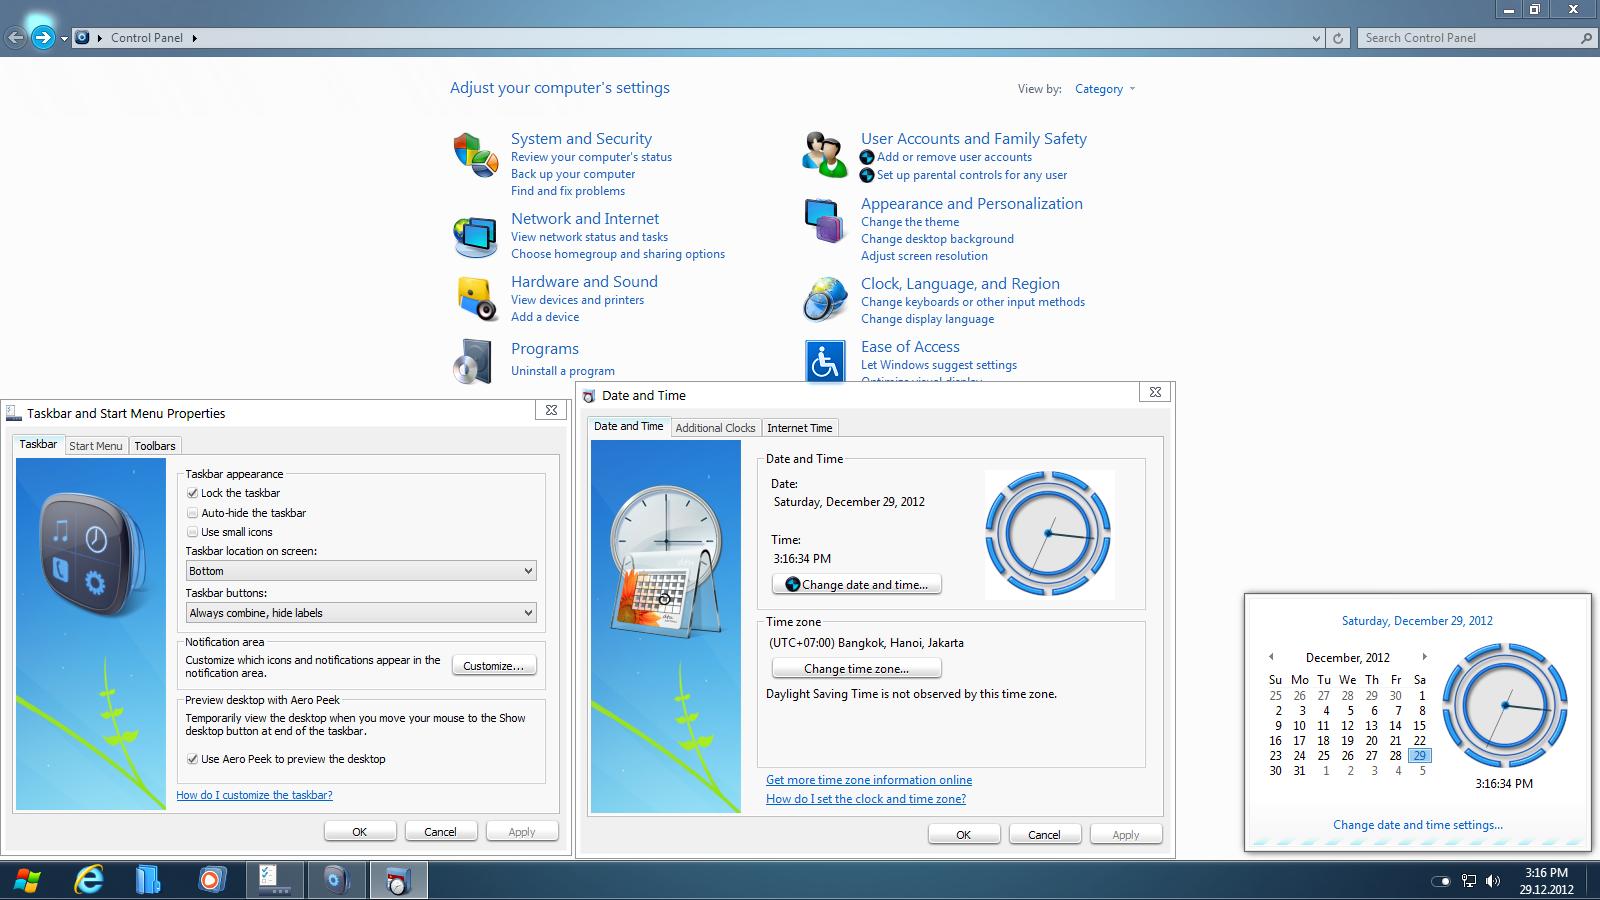 download gos 3.1 gadgets sp1